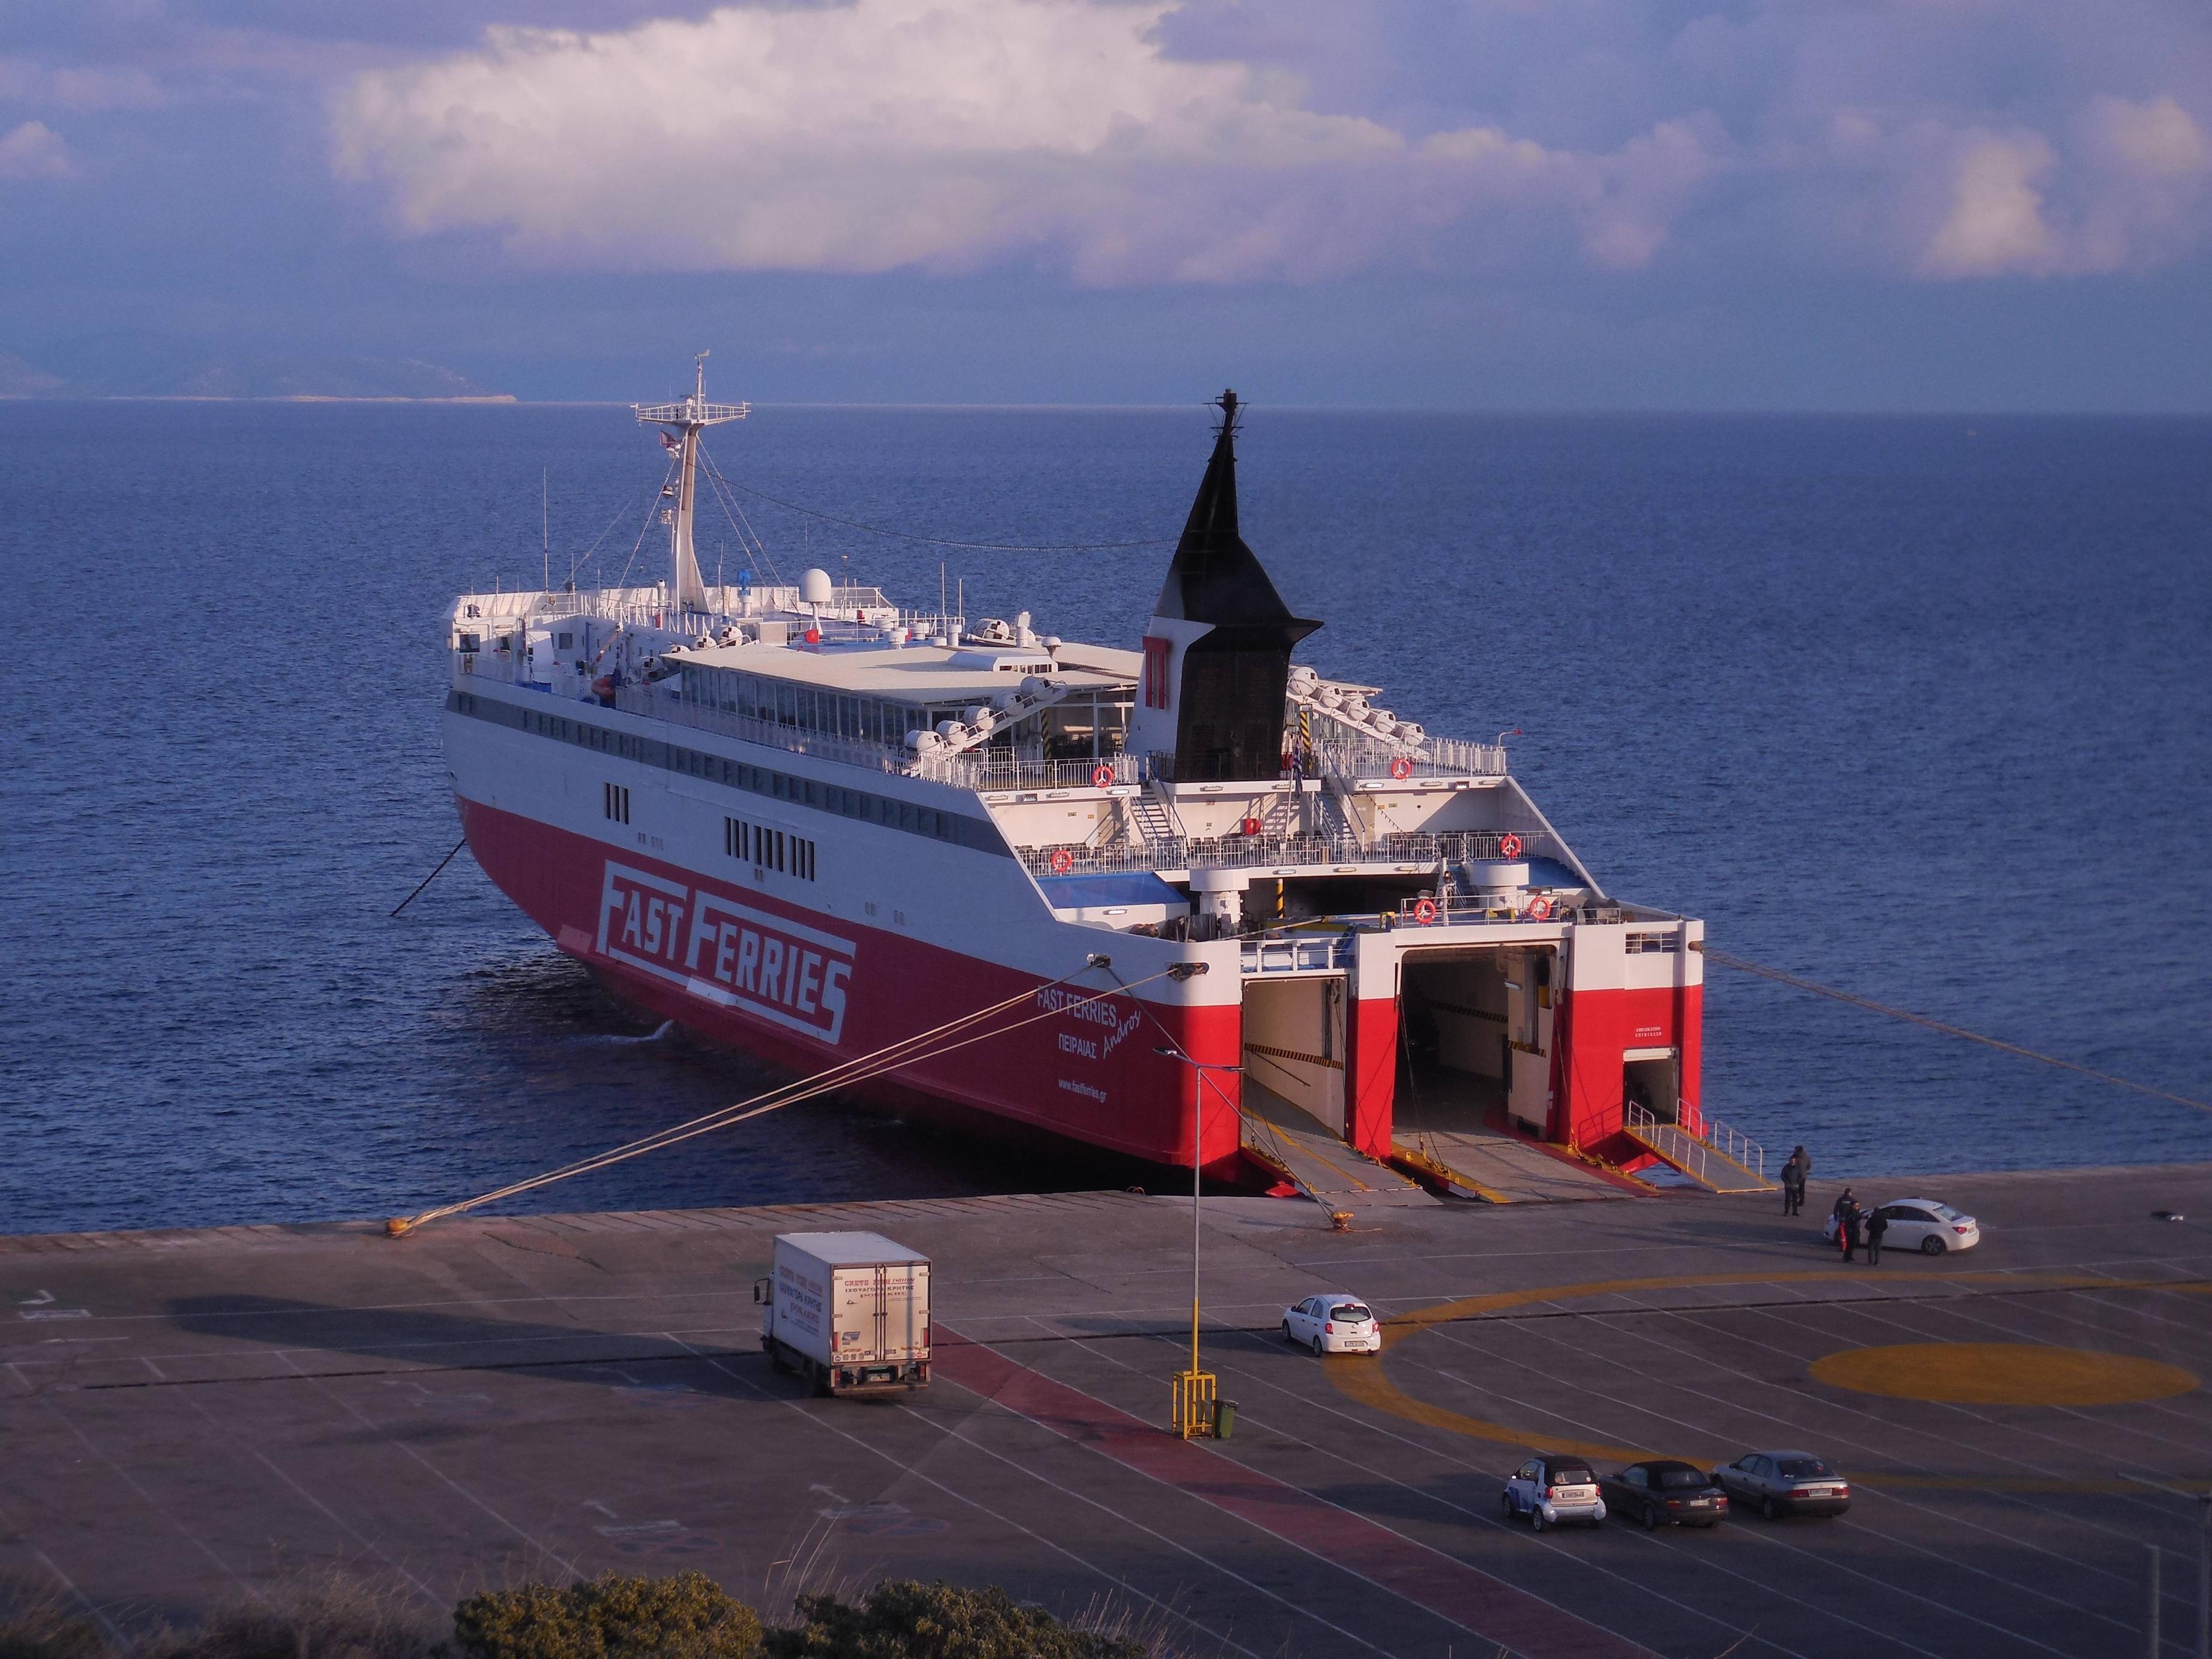 Τραυματισμός επιβάτιδος Ε/Γ-Ο/Γ πλοίου στην Άνδρο